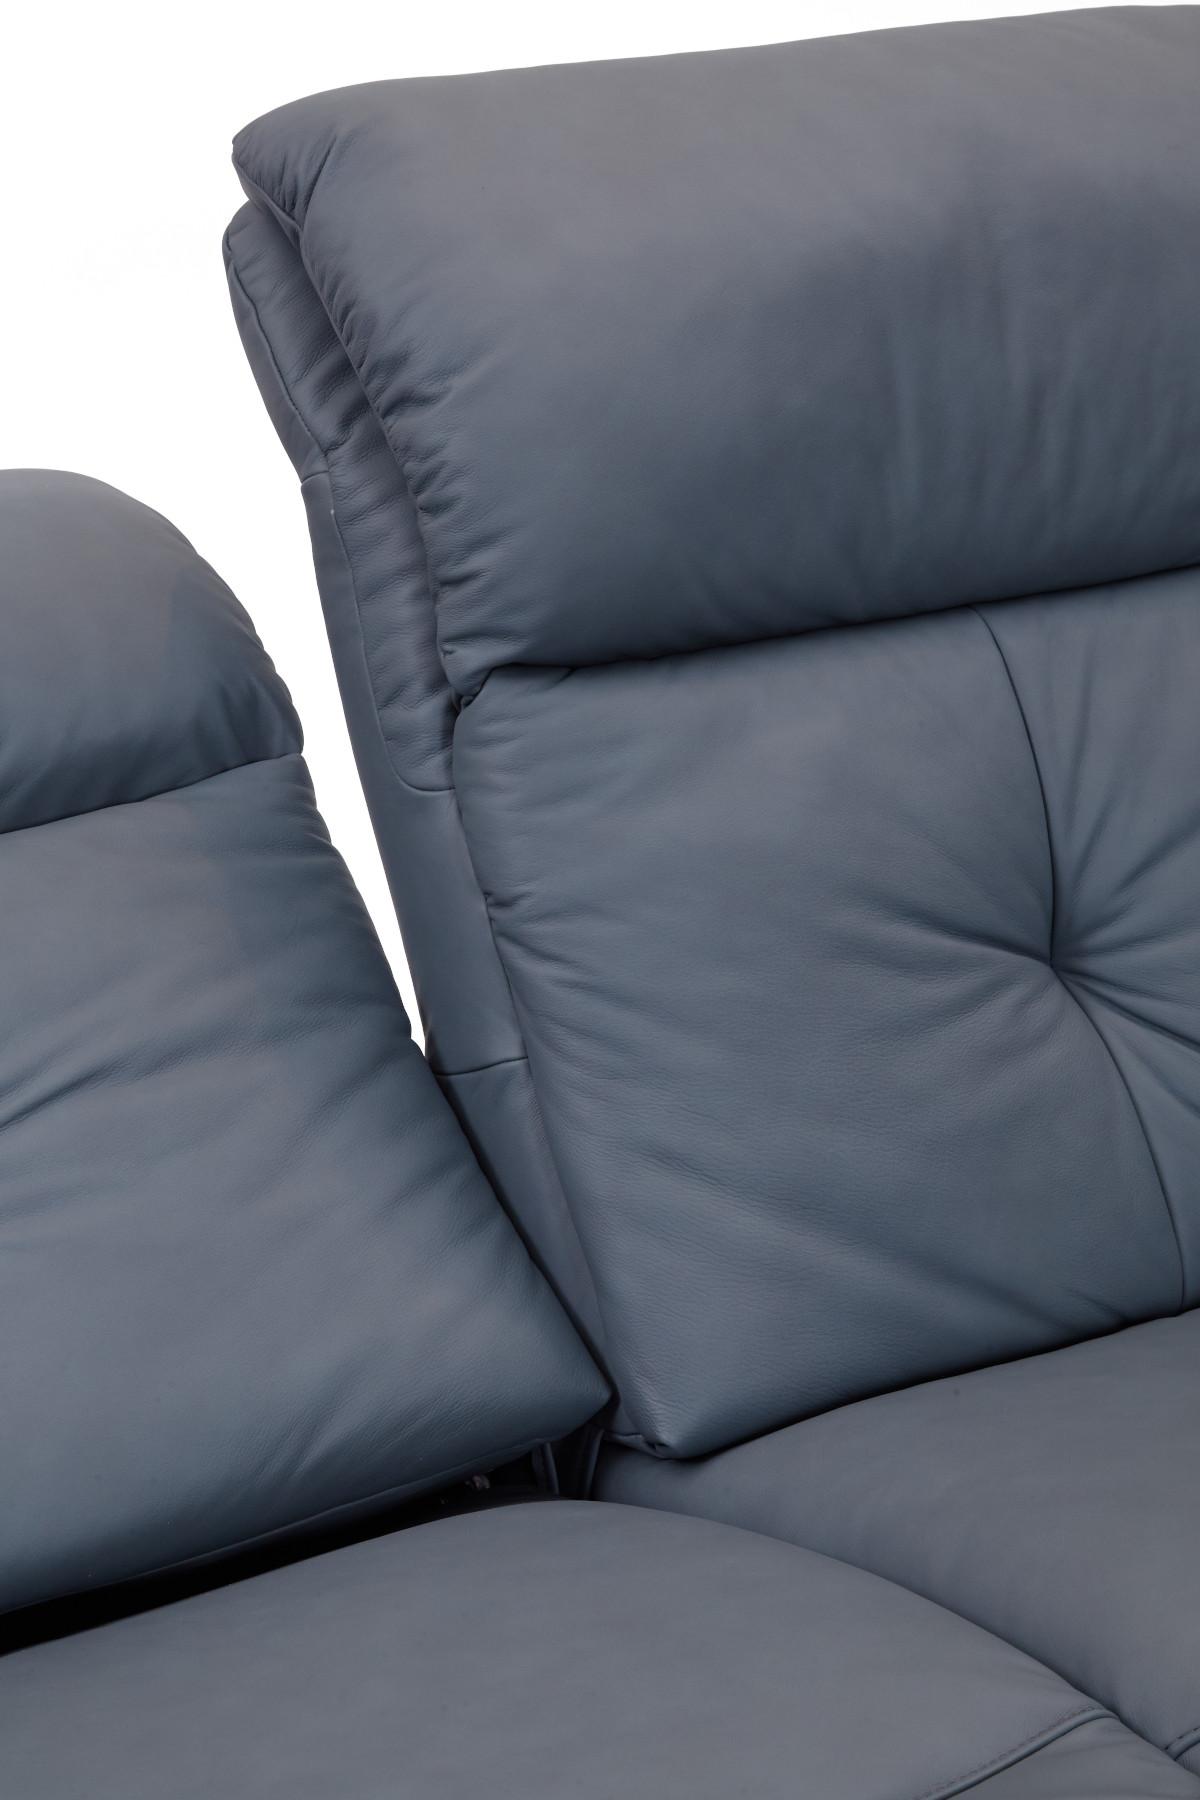 Himolla Swan 2.5 Seat Recliner Sofa